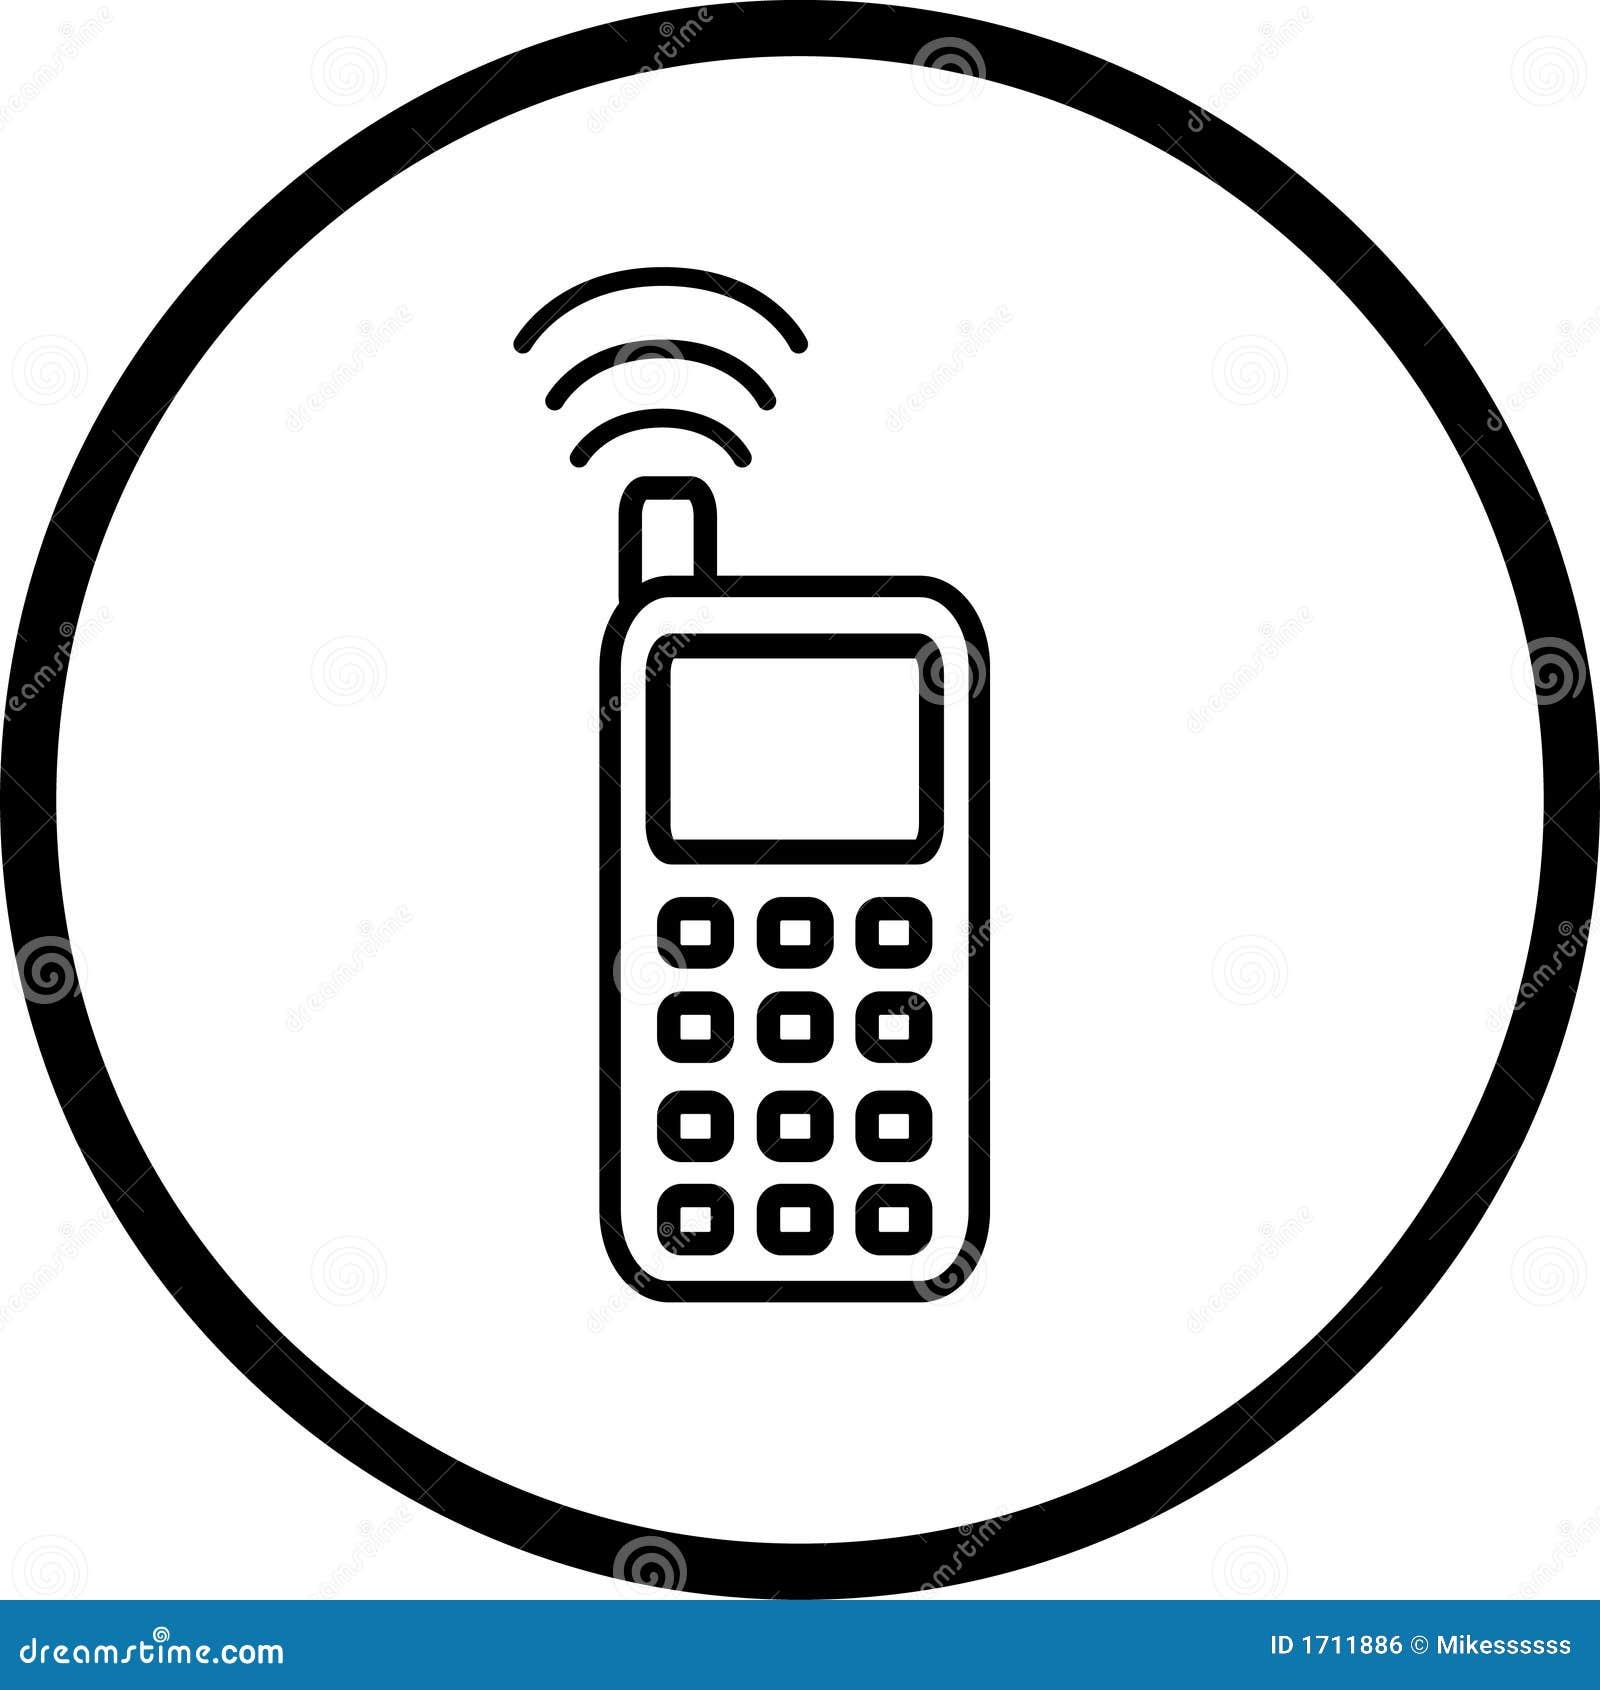 symbole de t u00e9l u00e9phone portable image libre de droits